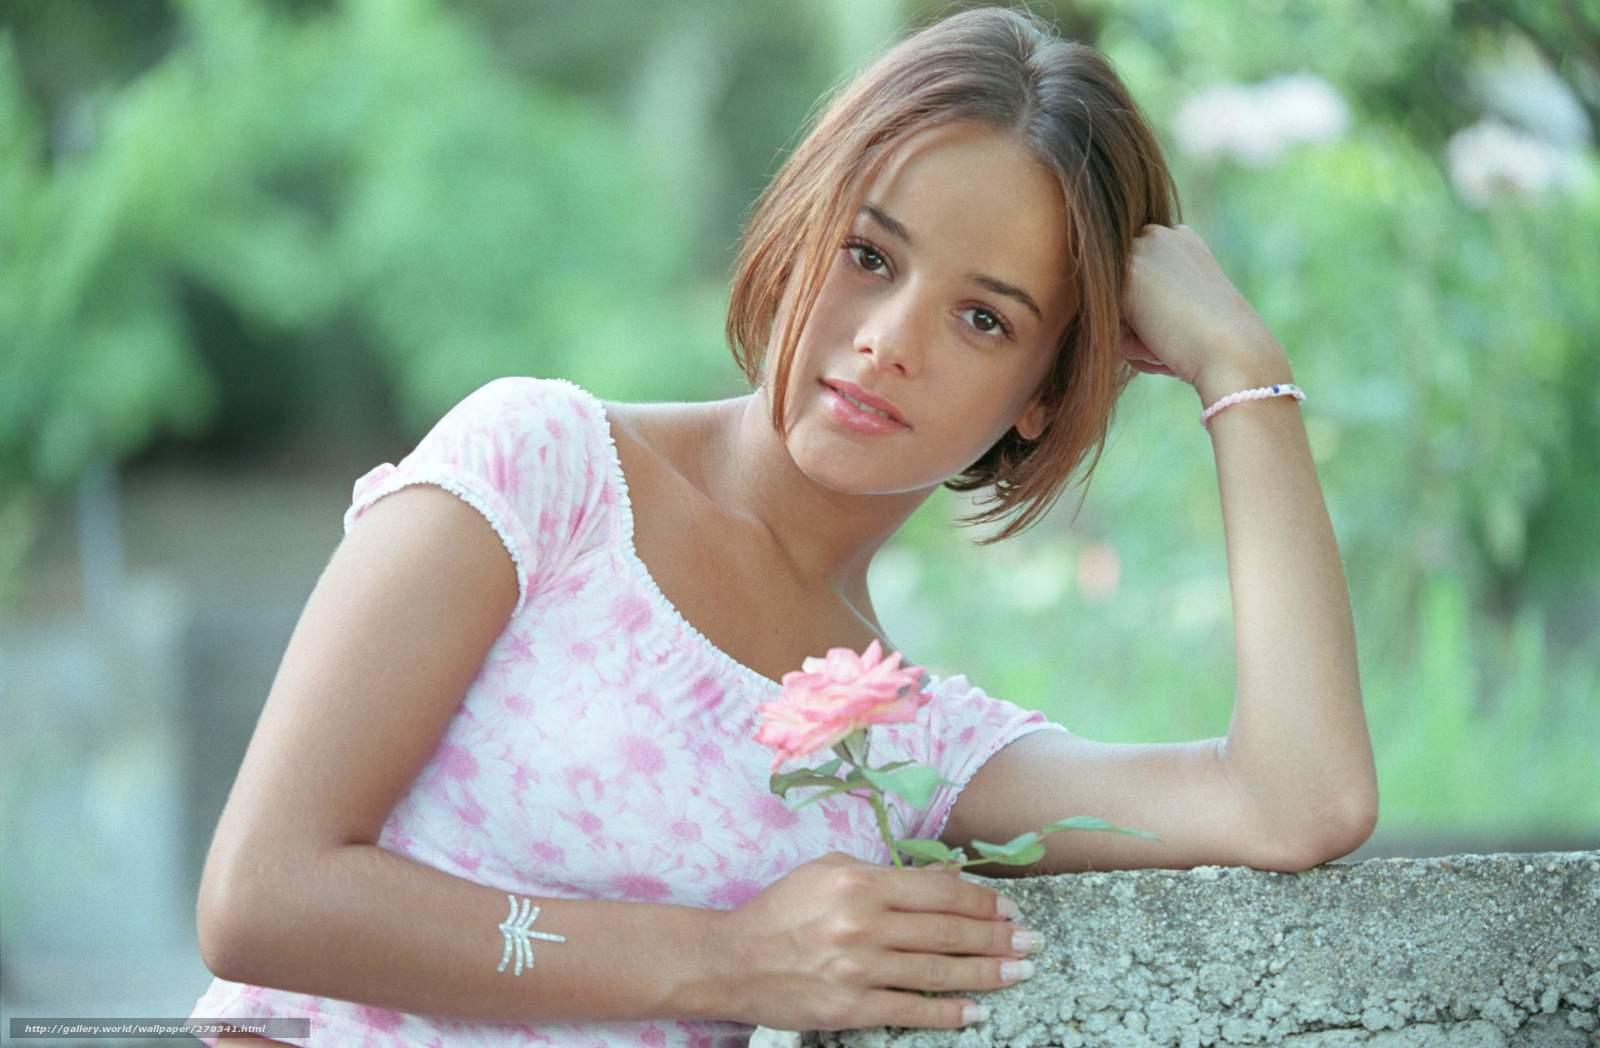 Русские молодые девочки голышом смотреть бесплатно 5 фотография